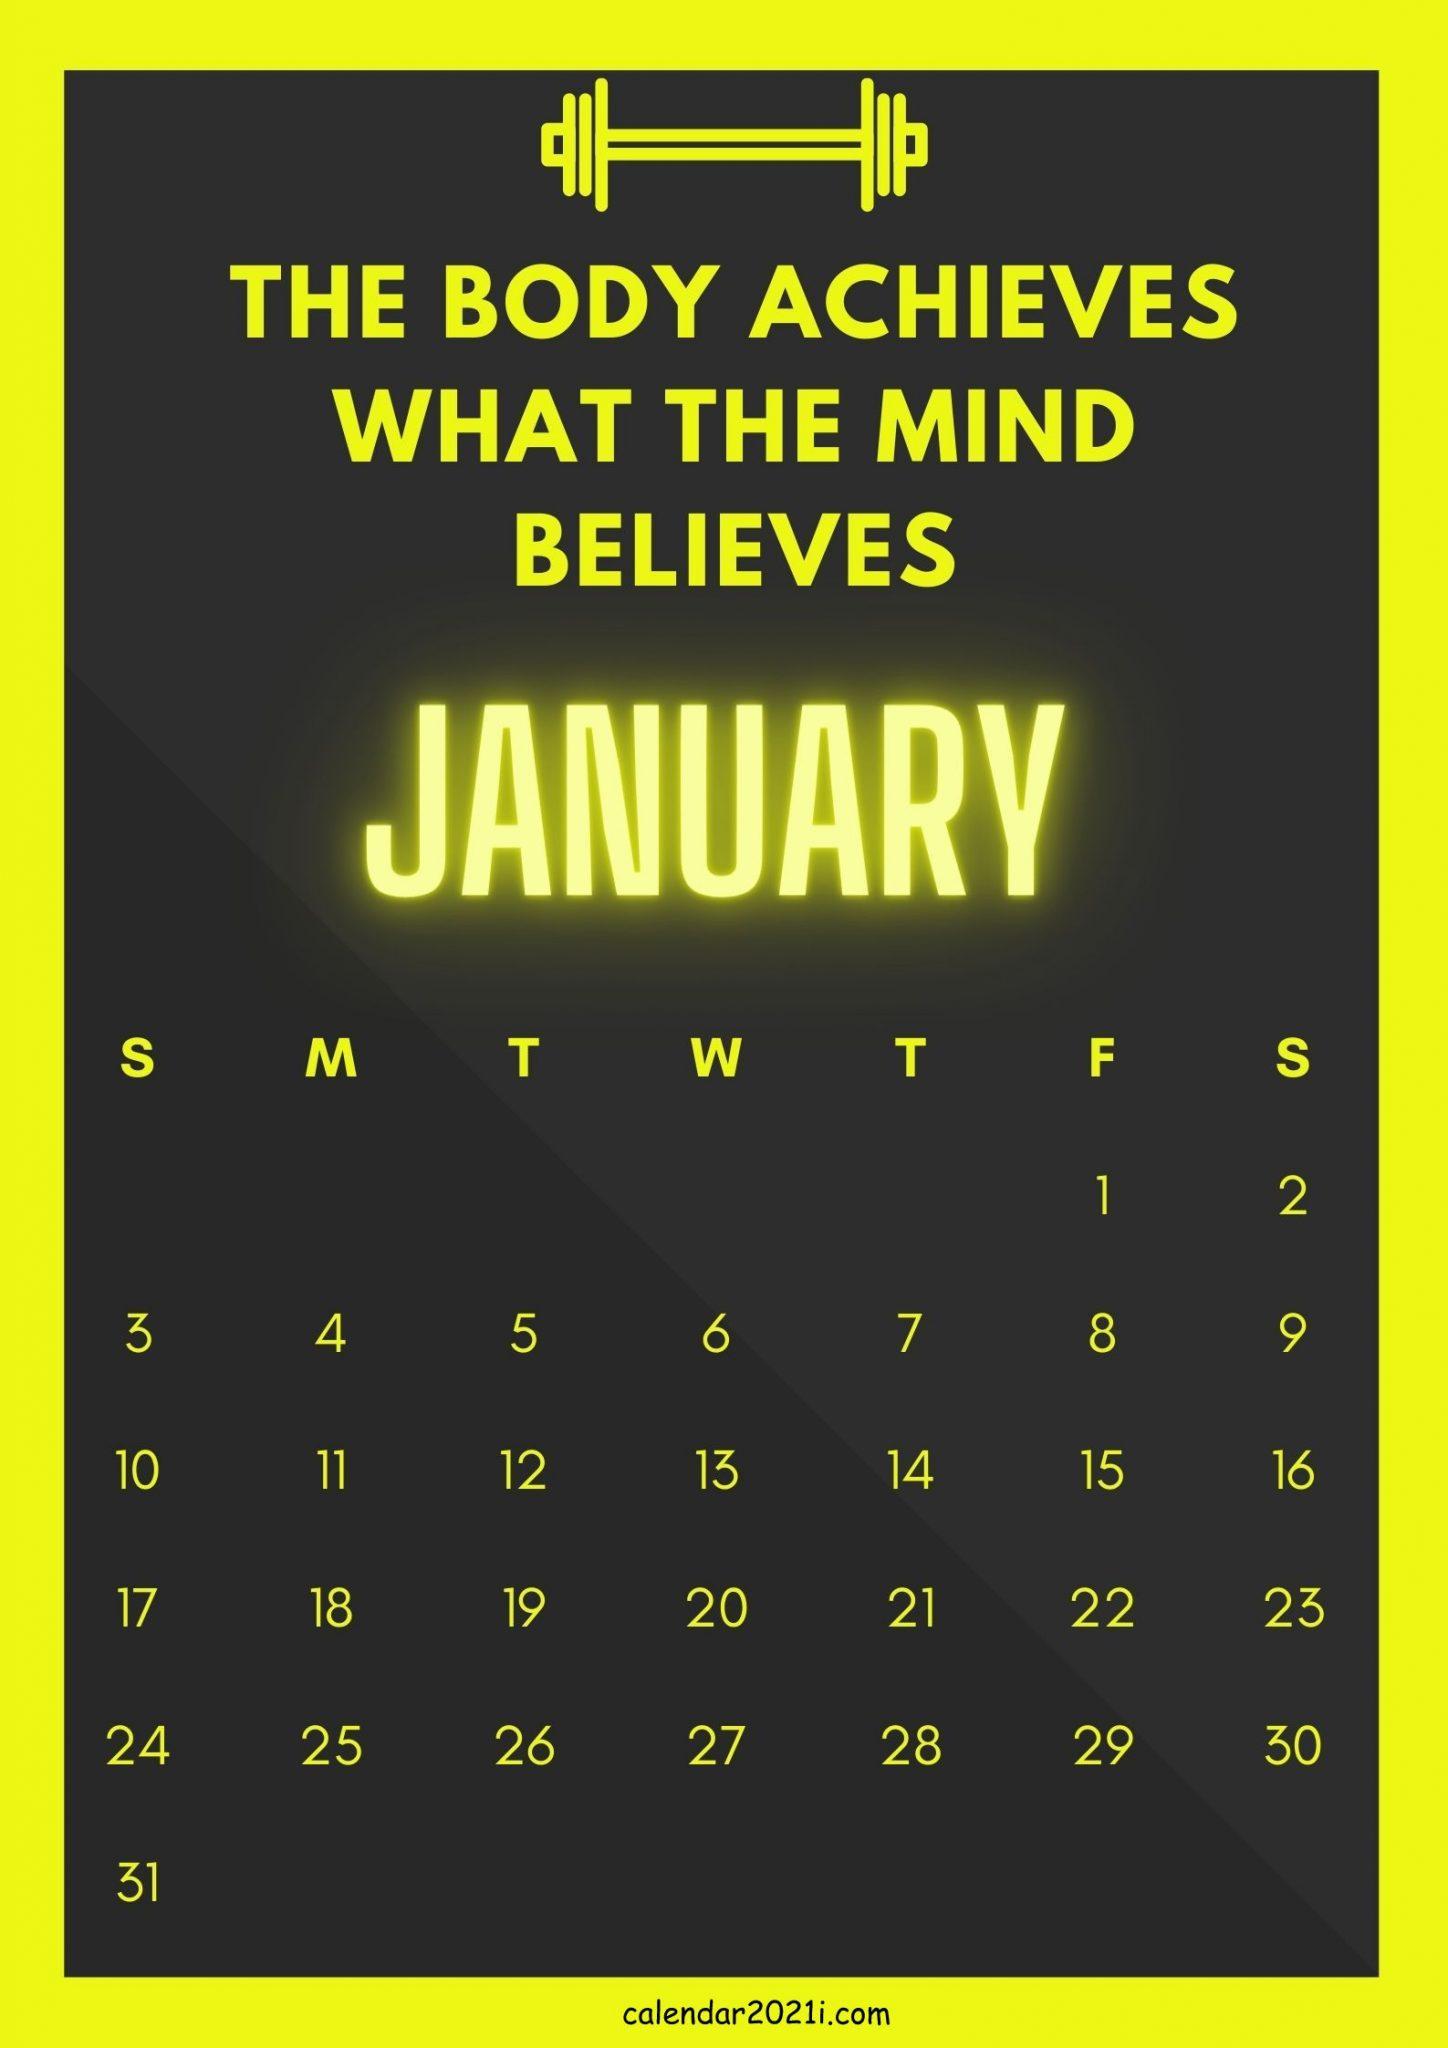 January 2021 Inspiring Calendar